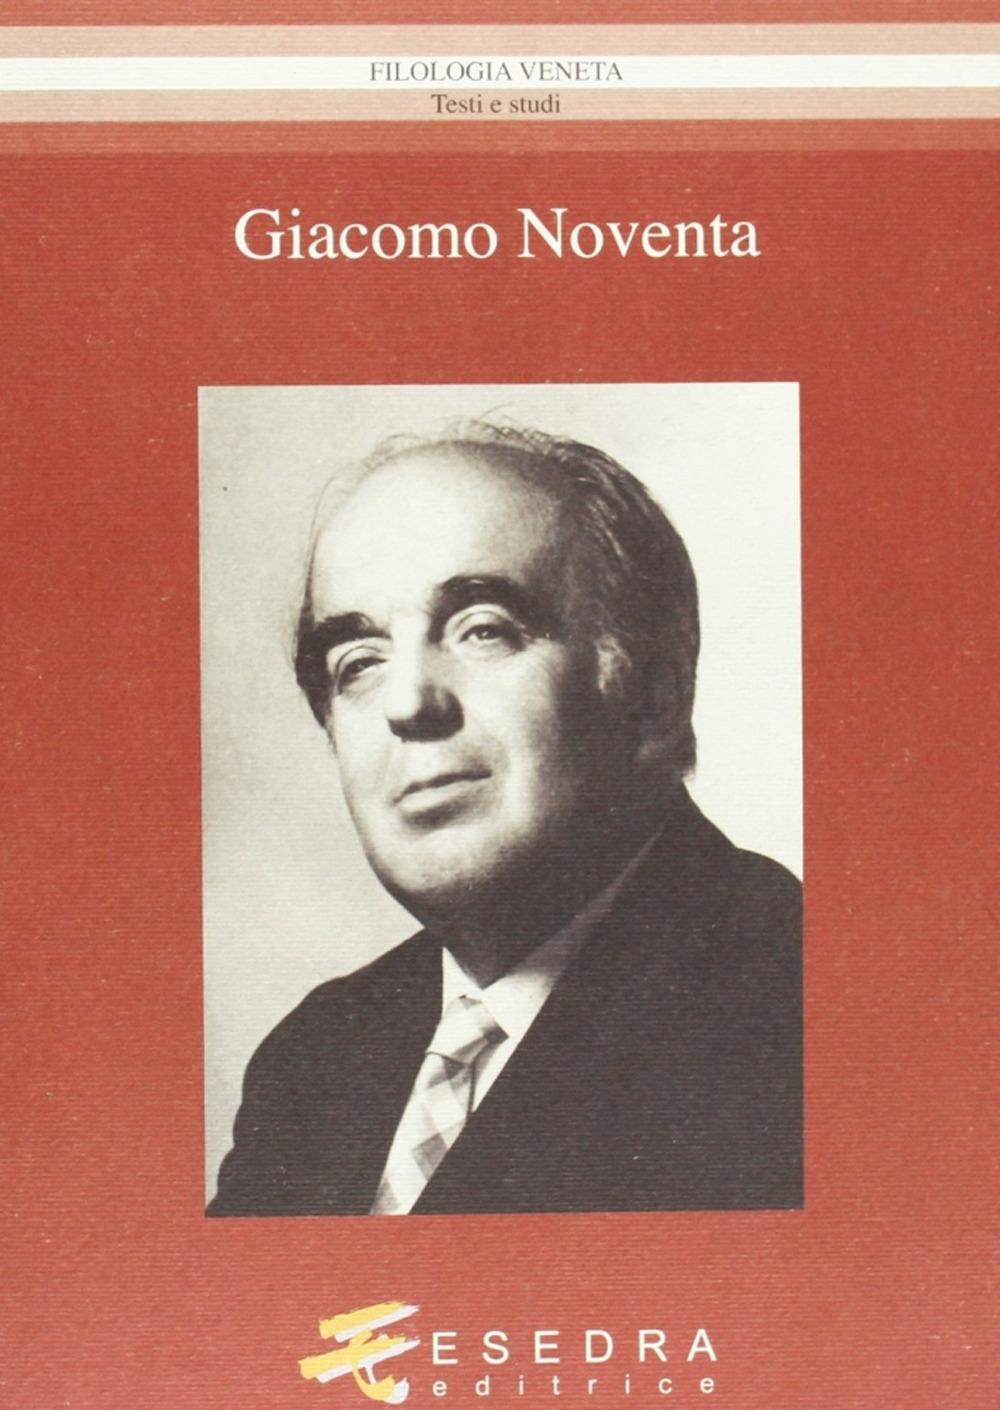 Giacomo Noventa